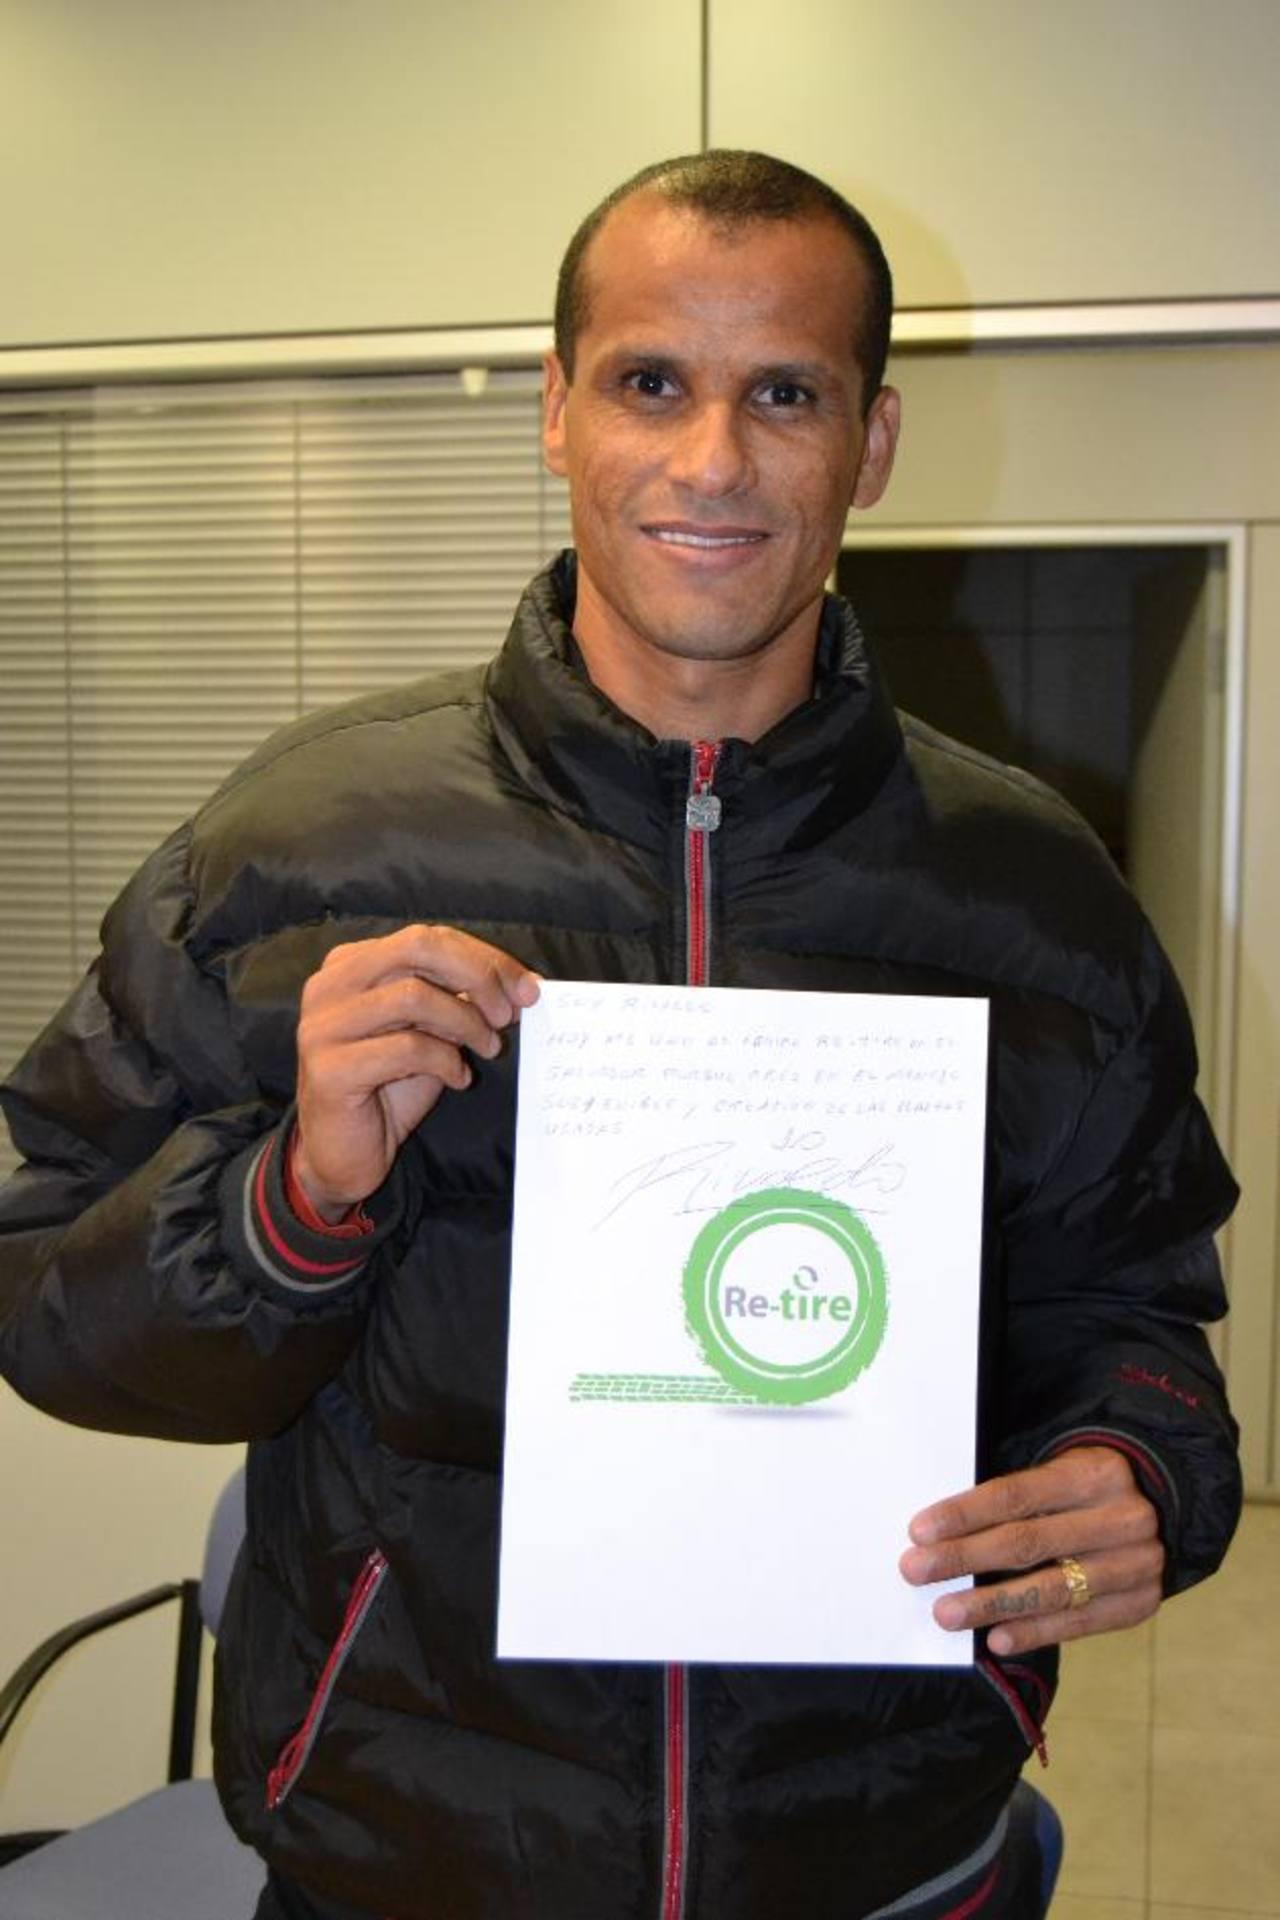 El exfutbolista Rivaldo mostró su apoyo a esta campaña.